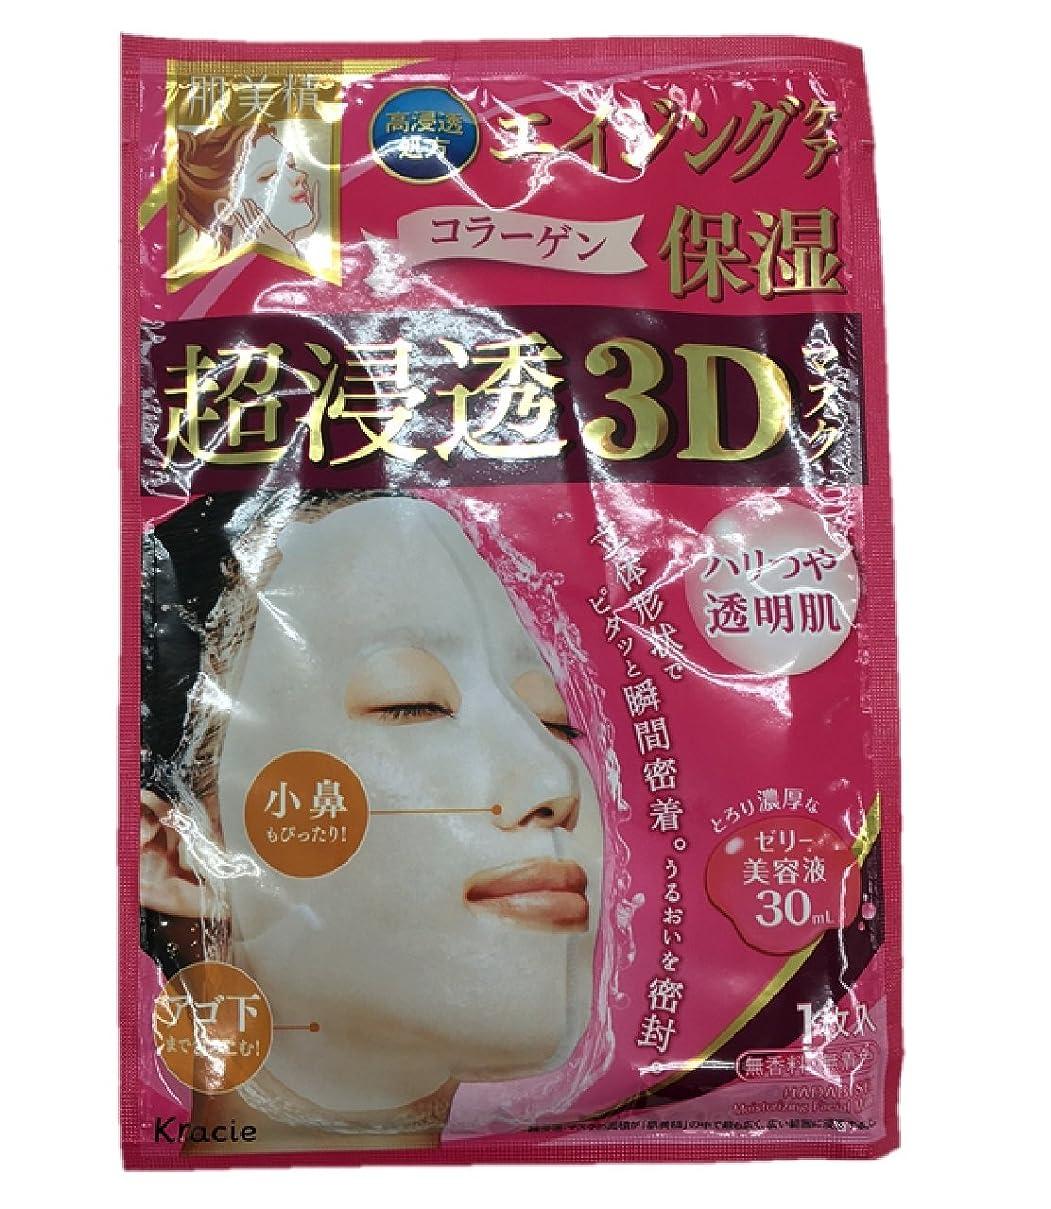 タイプ古くなった枯渇する肌美精 超浸透3Dマスク (エイジング保湿) 10枚セット